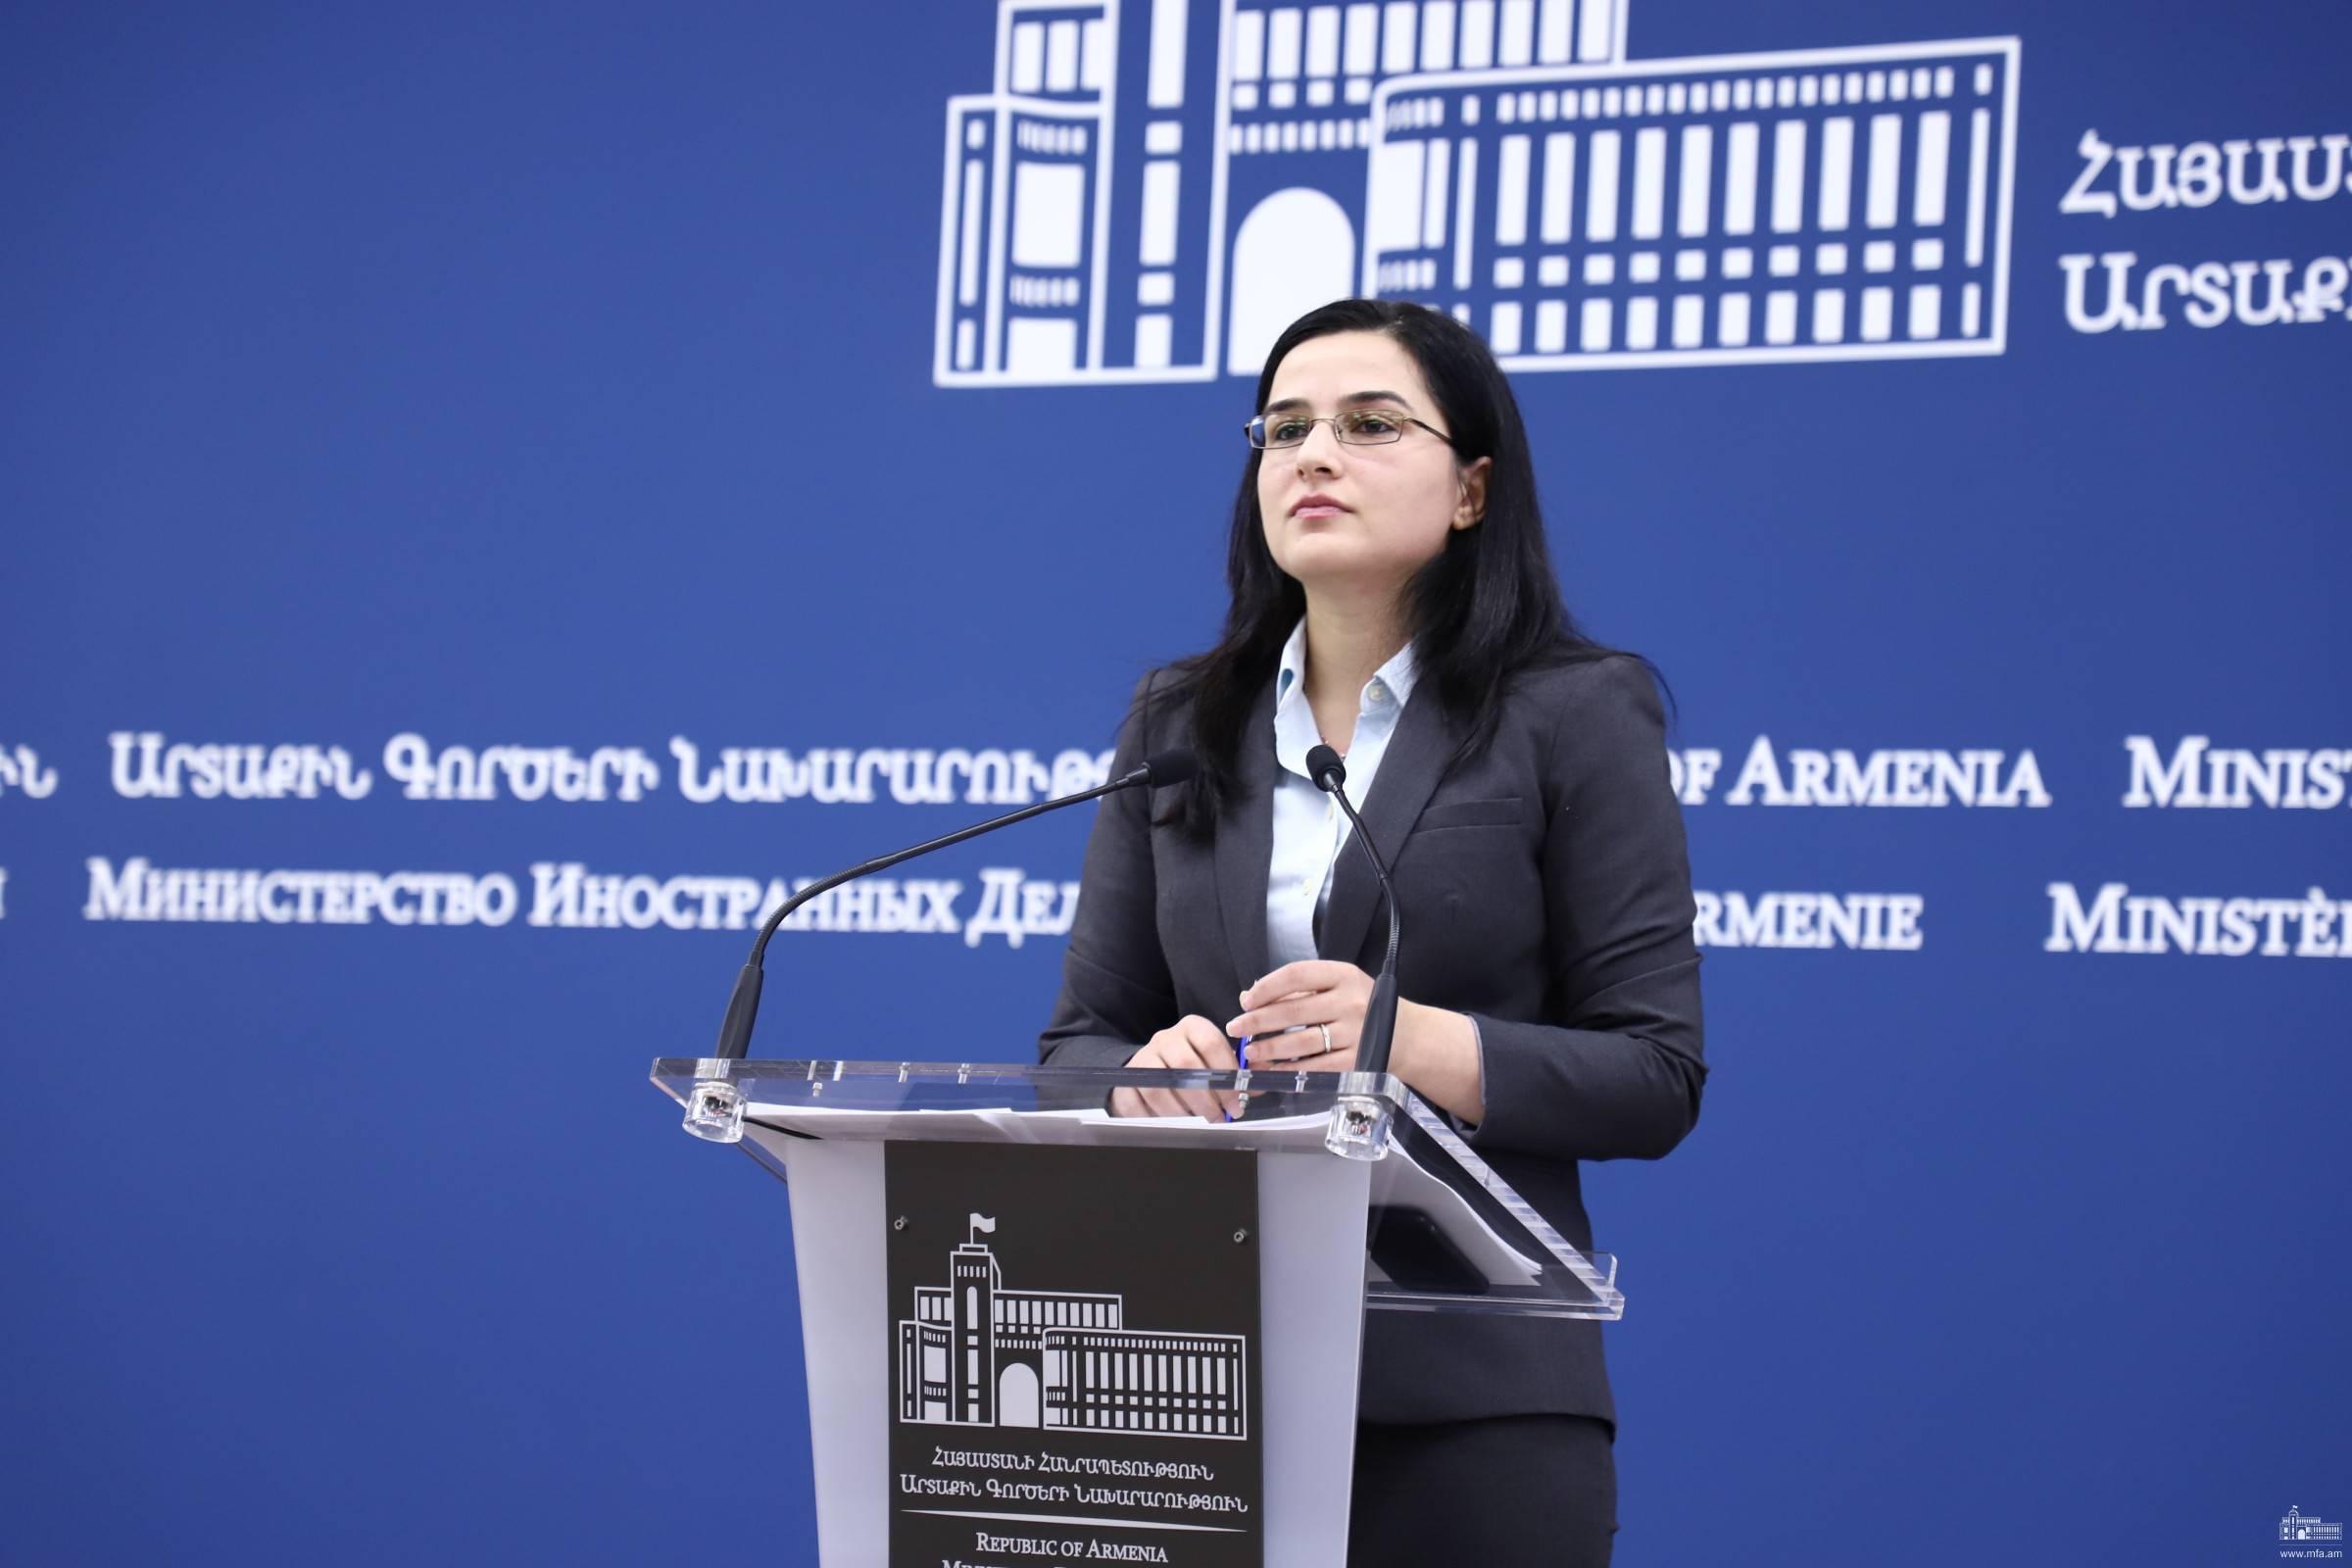 Հրադադարի միտումնավոր և սադրիչ խախտումների ողջ պատասխանատվությունն ընկնում է ադրբեջանական կողմի վրա